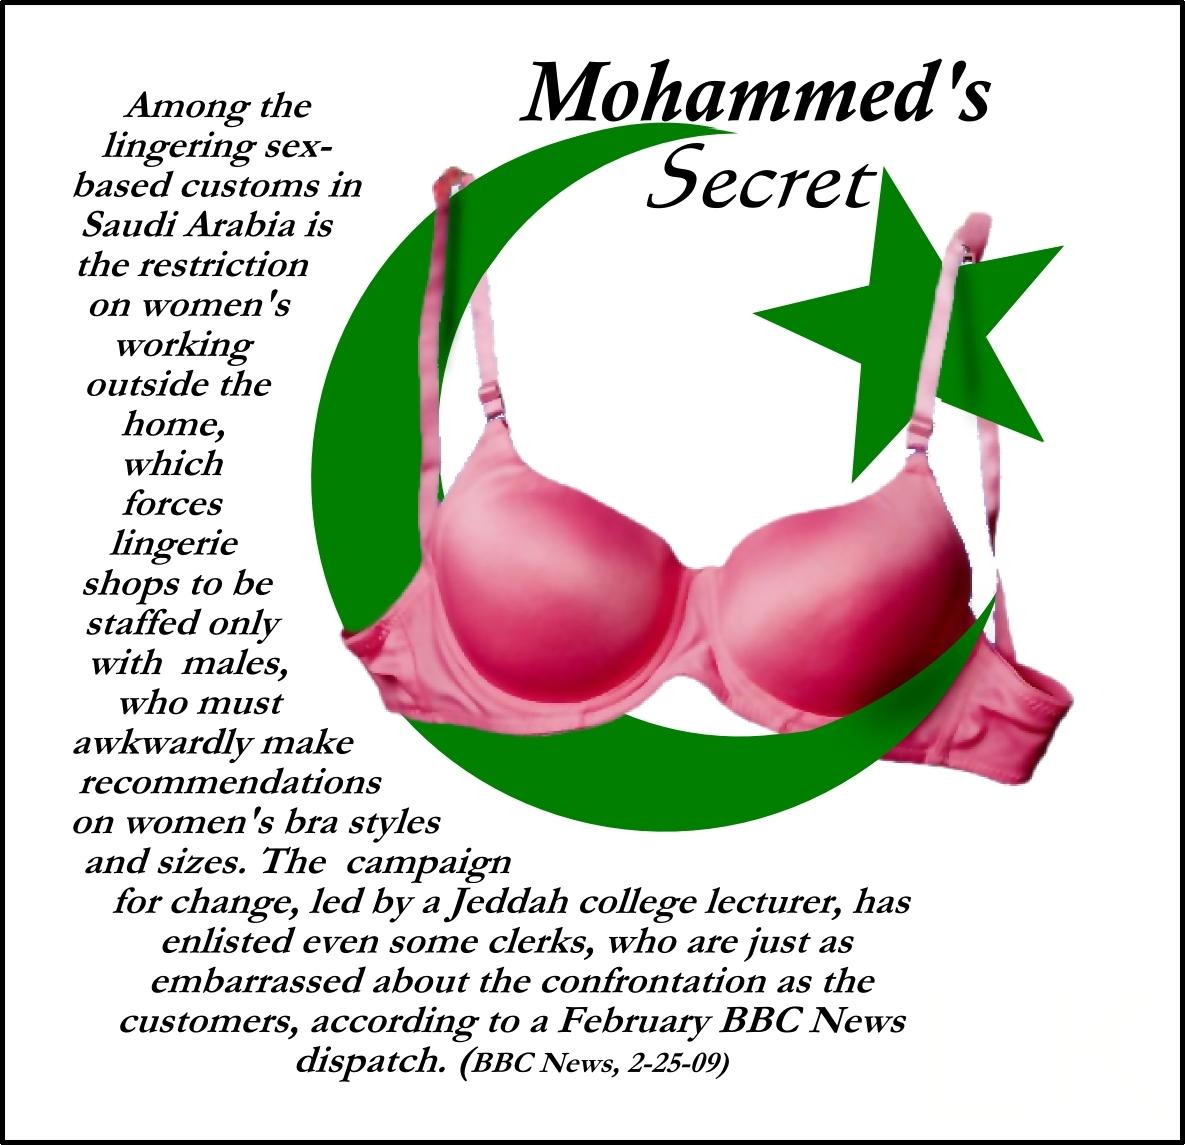 alemurking.files.wordpress.com_2009_05_mohammeds_secret1.jpg